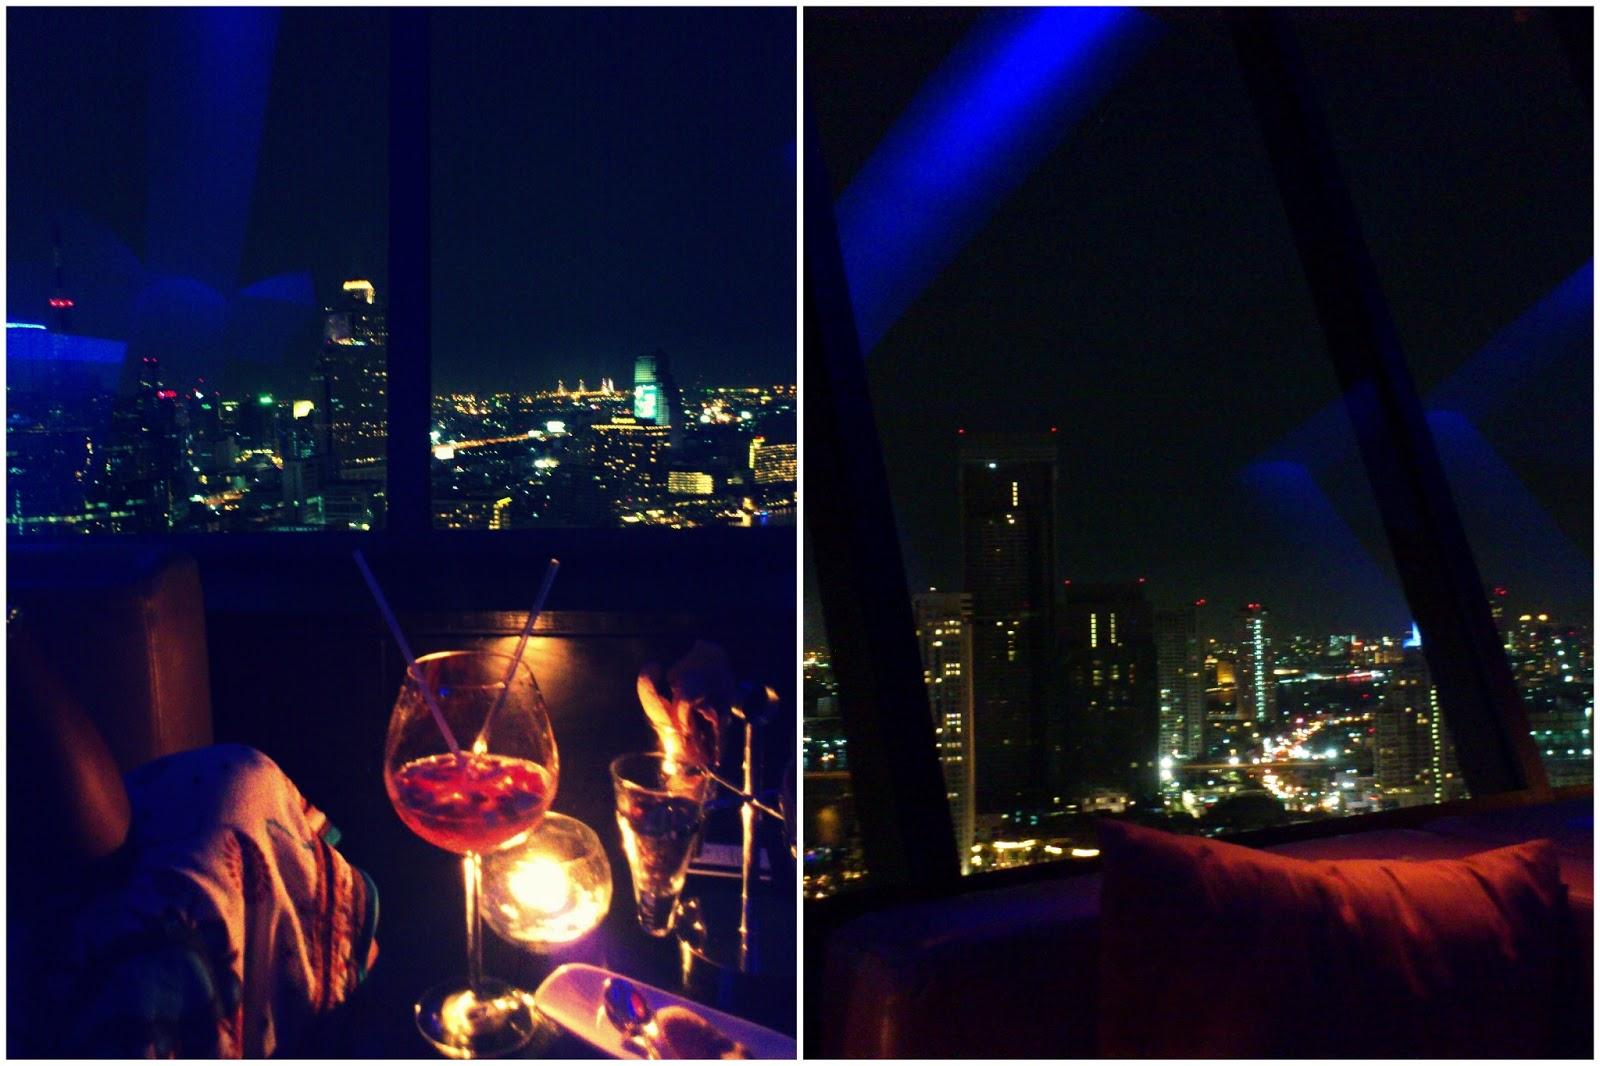 360 Degrees - The Bangkok skyline